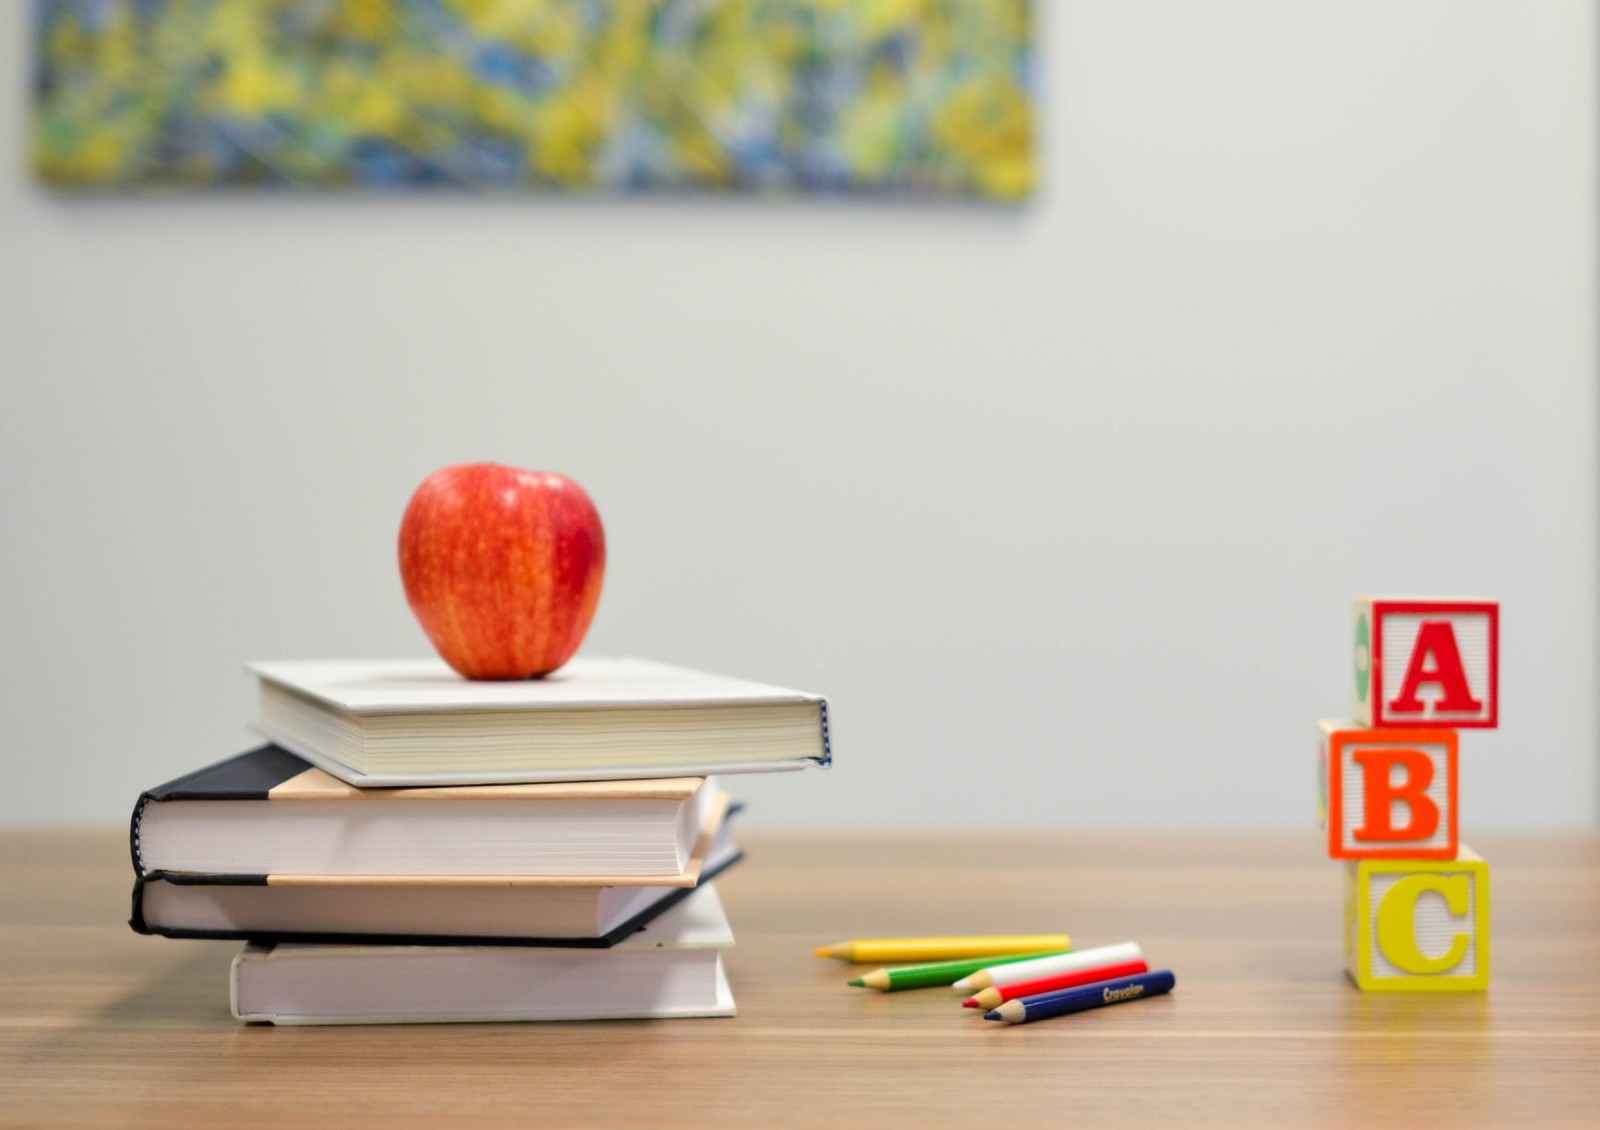 Grad nastavlja s programom nabave udžbenike za osnovnoškolce i sufinanciranjem za srednjoškolce